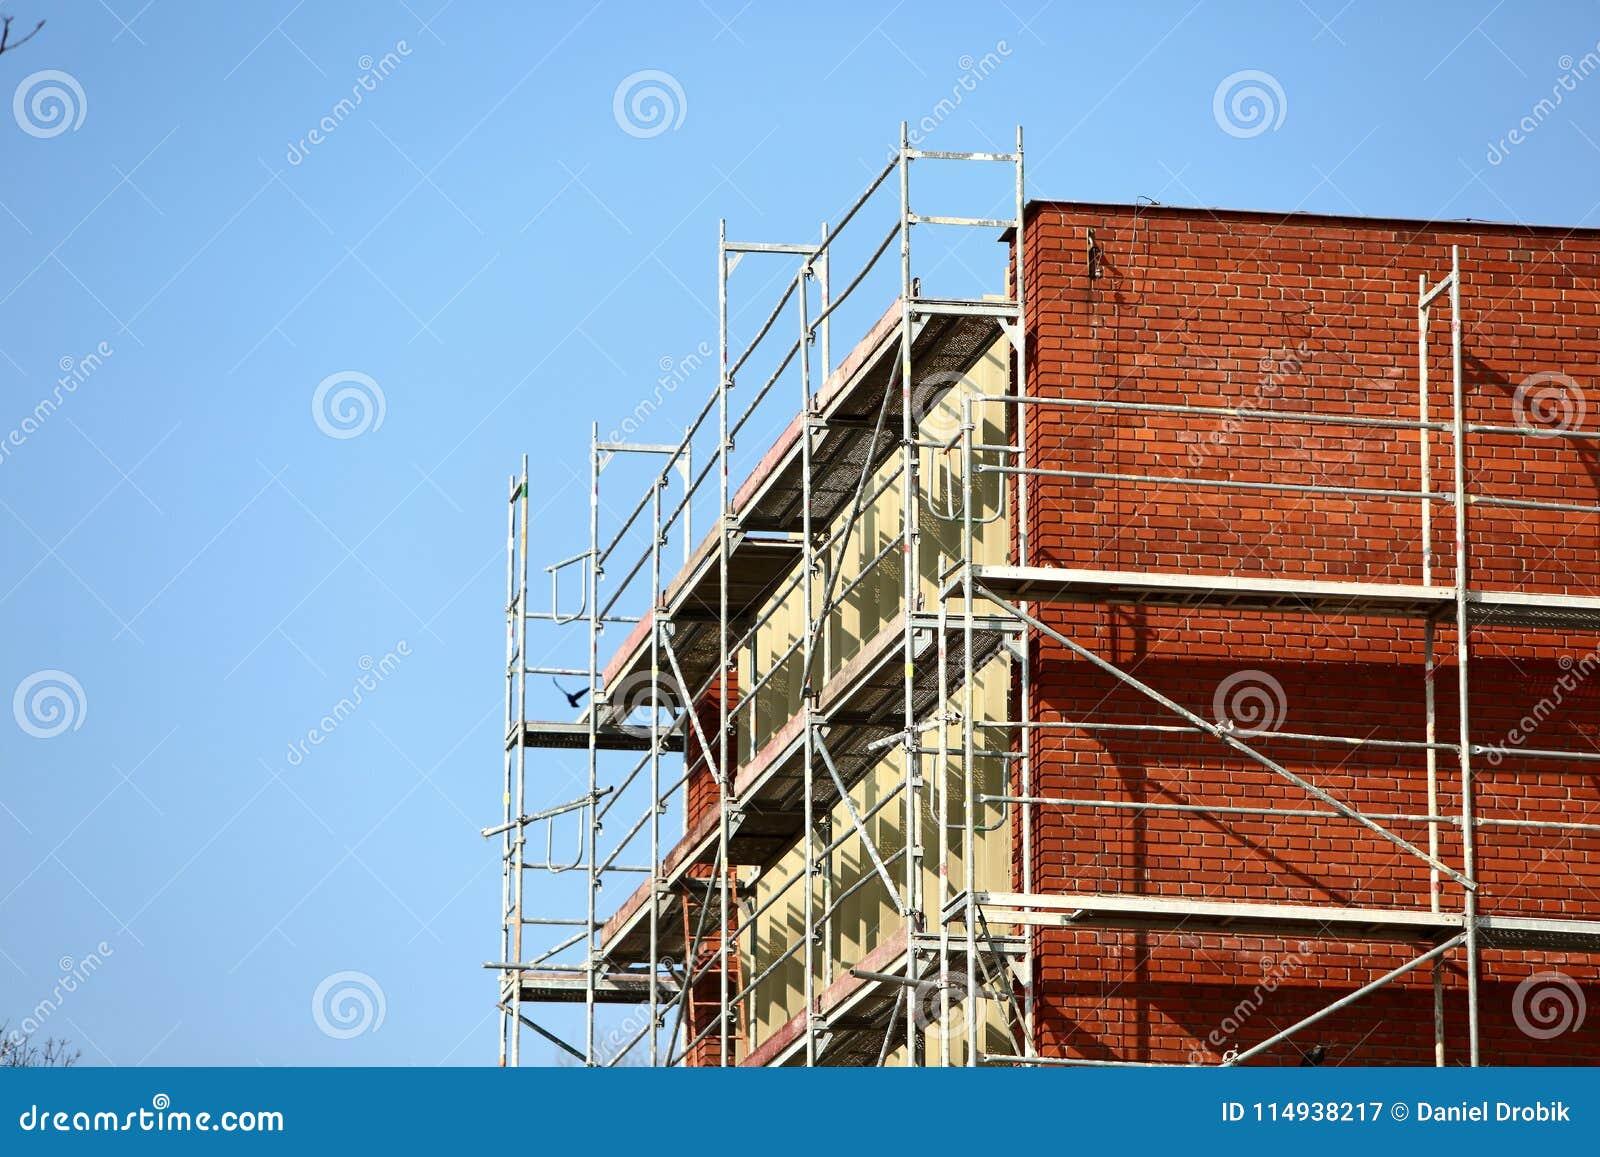 Stahlbaugerüst benutzt für façade Erneuerungsarbeiten